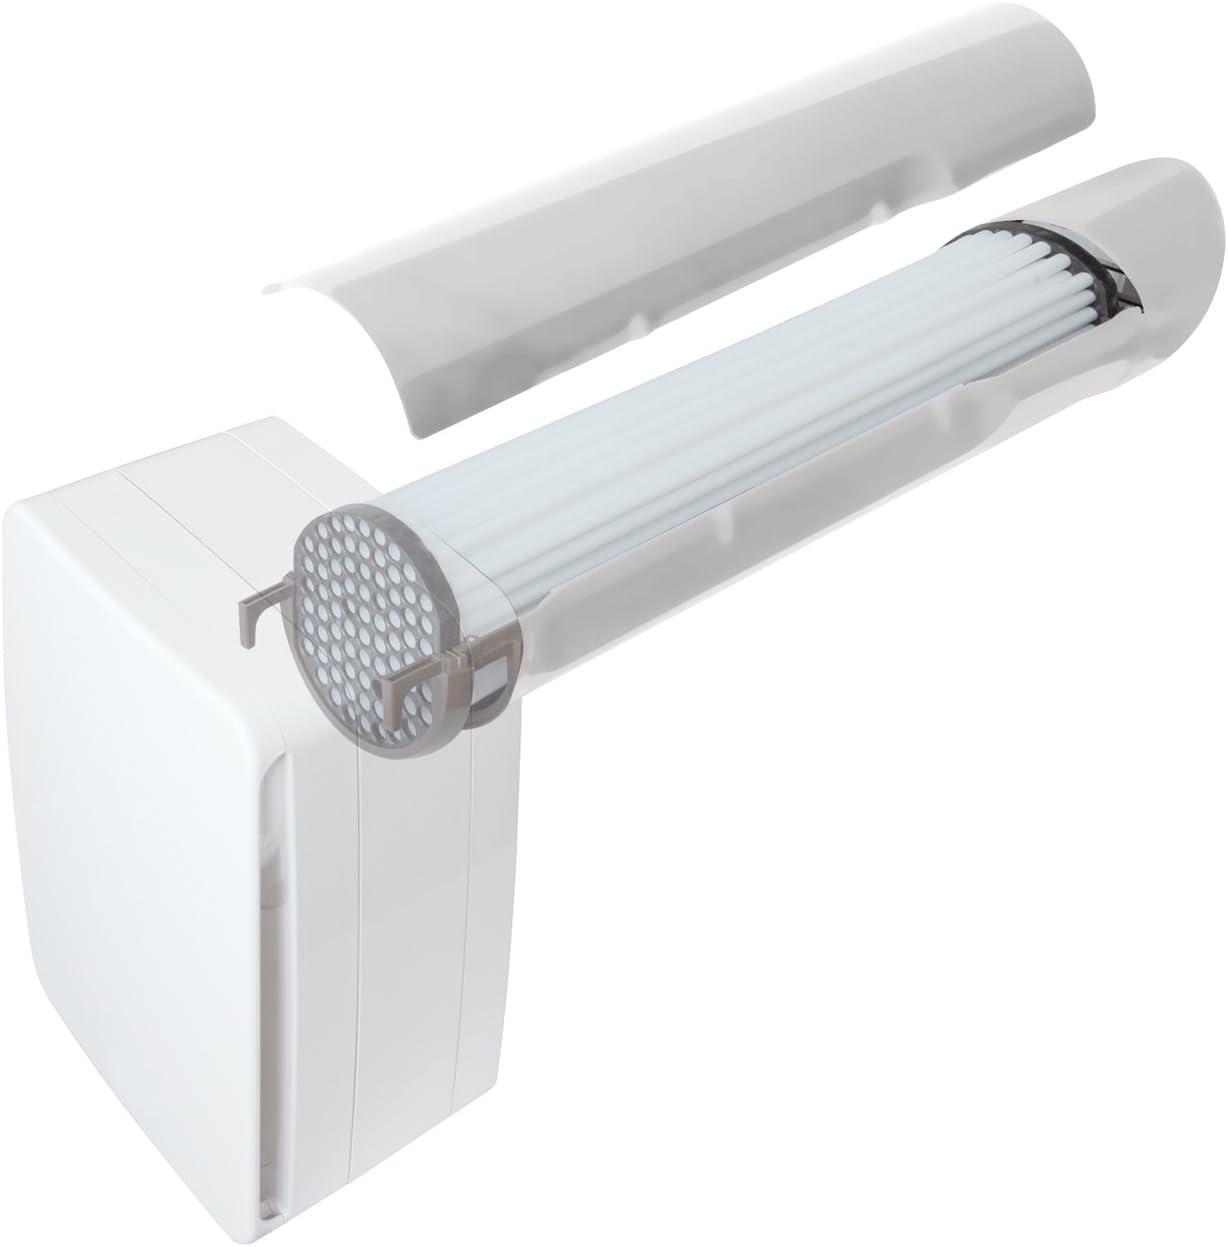 La ventilación v-eco100pl Recuperador de Calor A Doble flujo, longitud 46 cm: Amazon.es: Bricolaje y herramientas